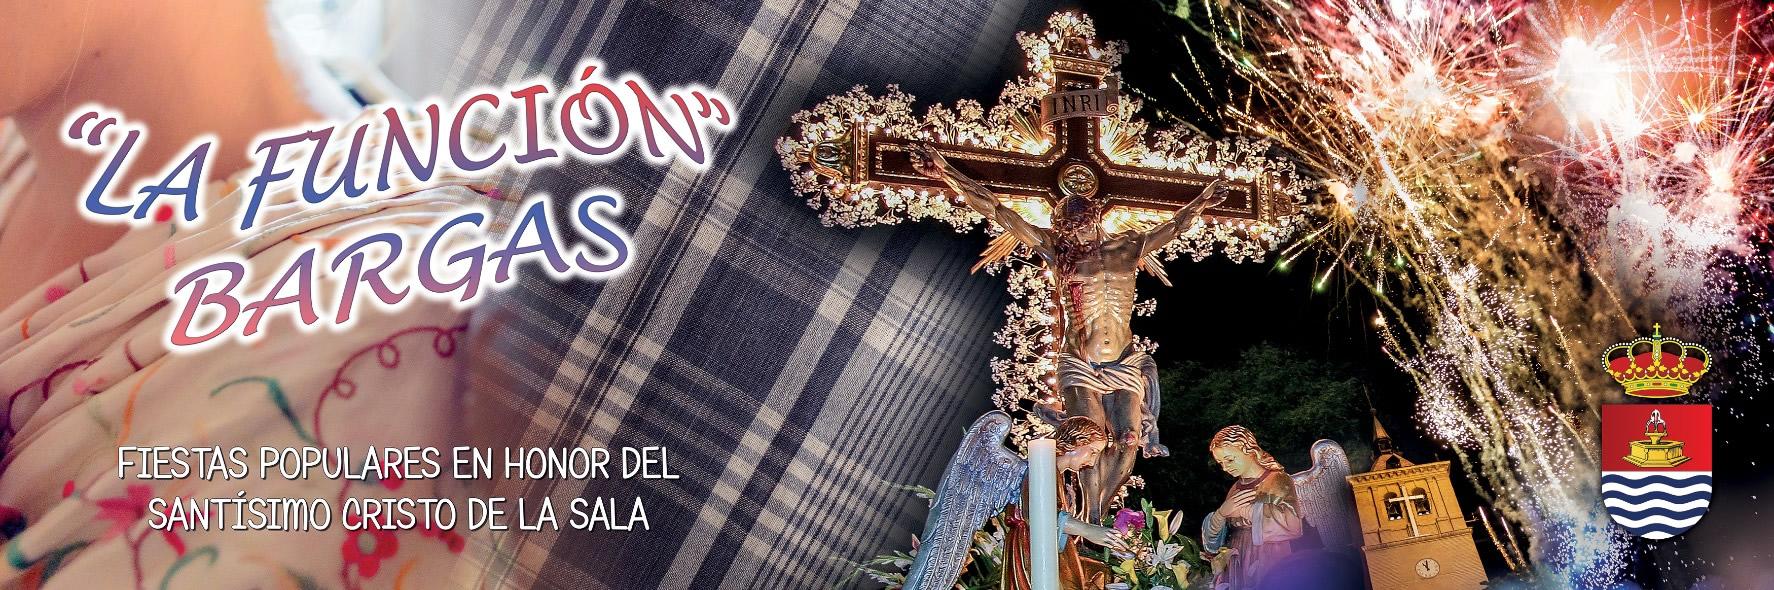 Bargas celebra sus fiestas populares en honor del Stmo. Cristo de la Sala